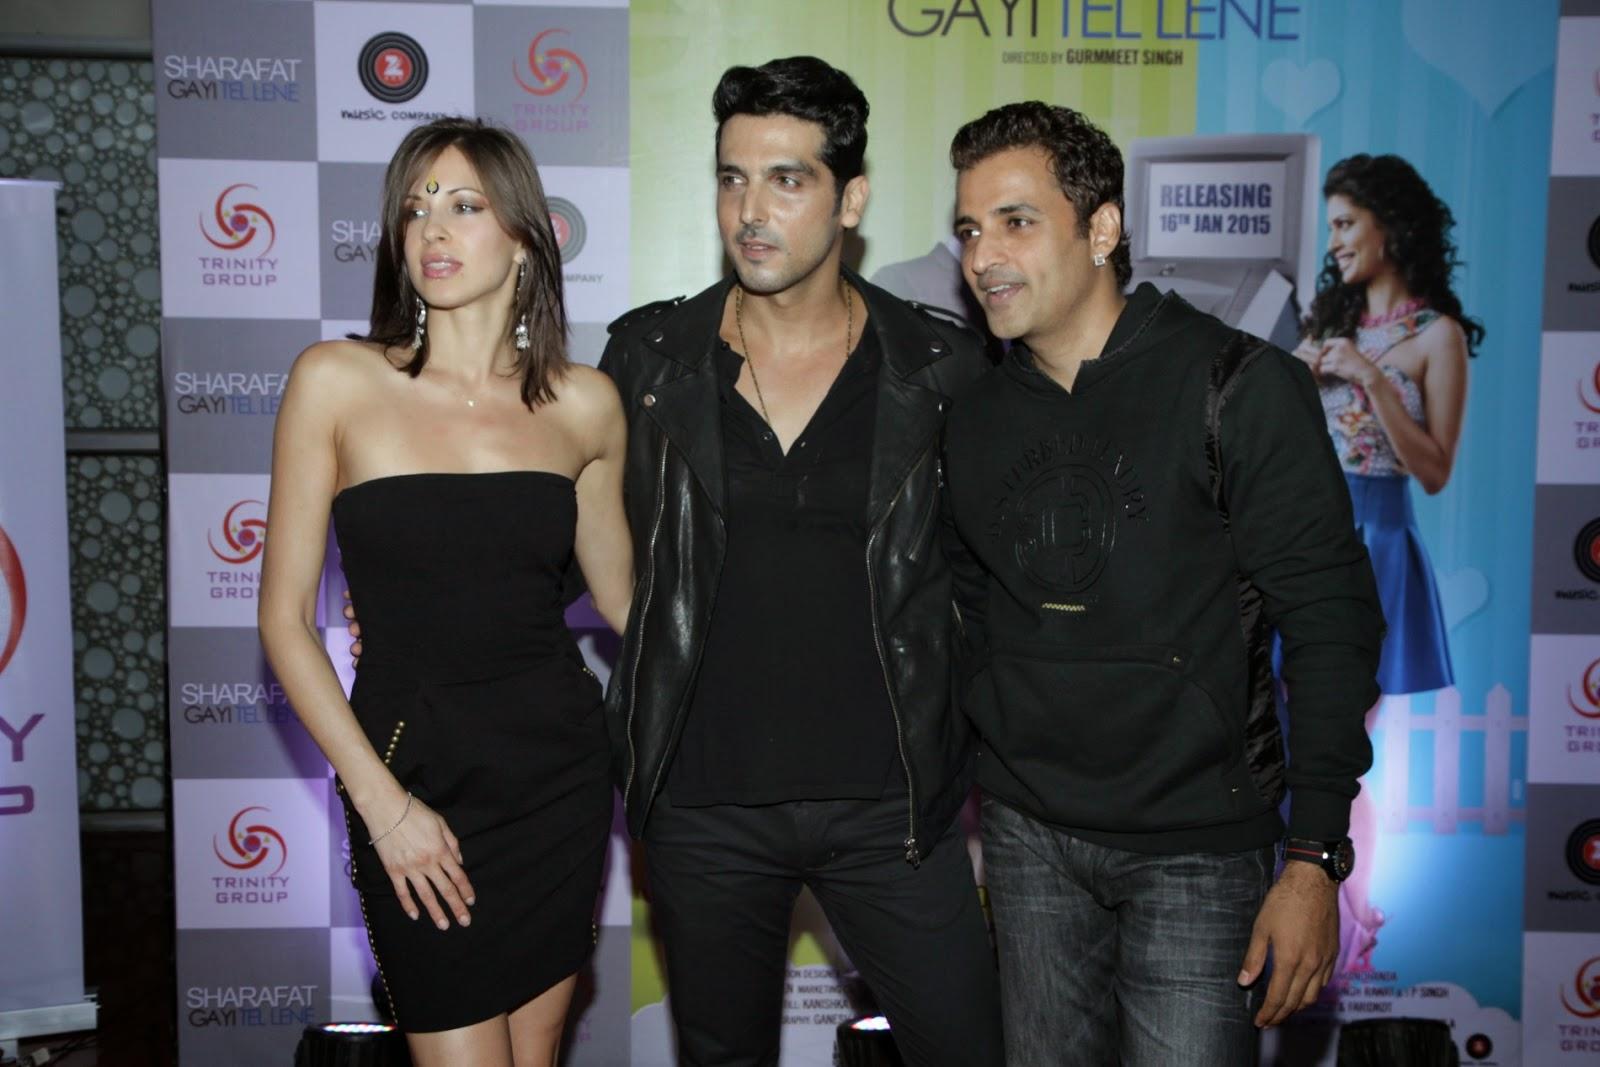 Hrithik Roshan Launch Sharafat Gayi Tel Lene Movie Trailer